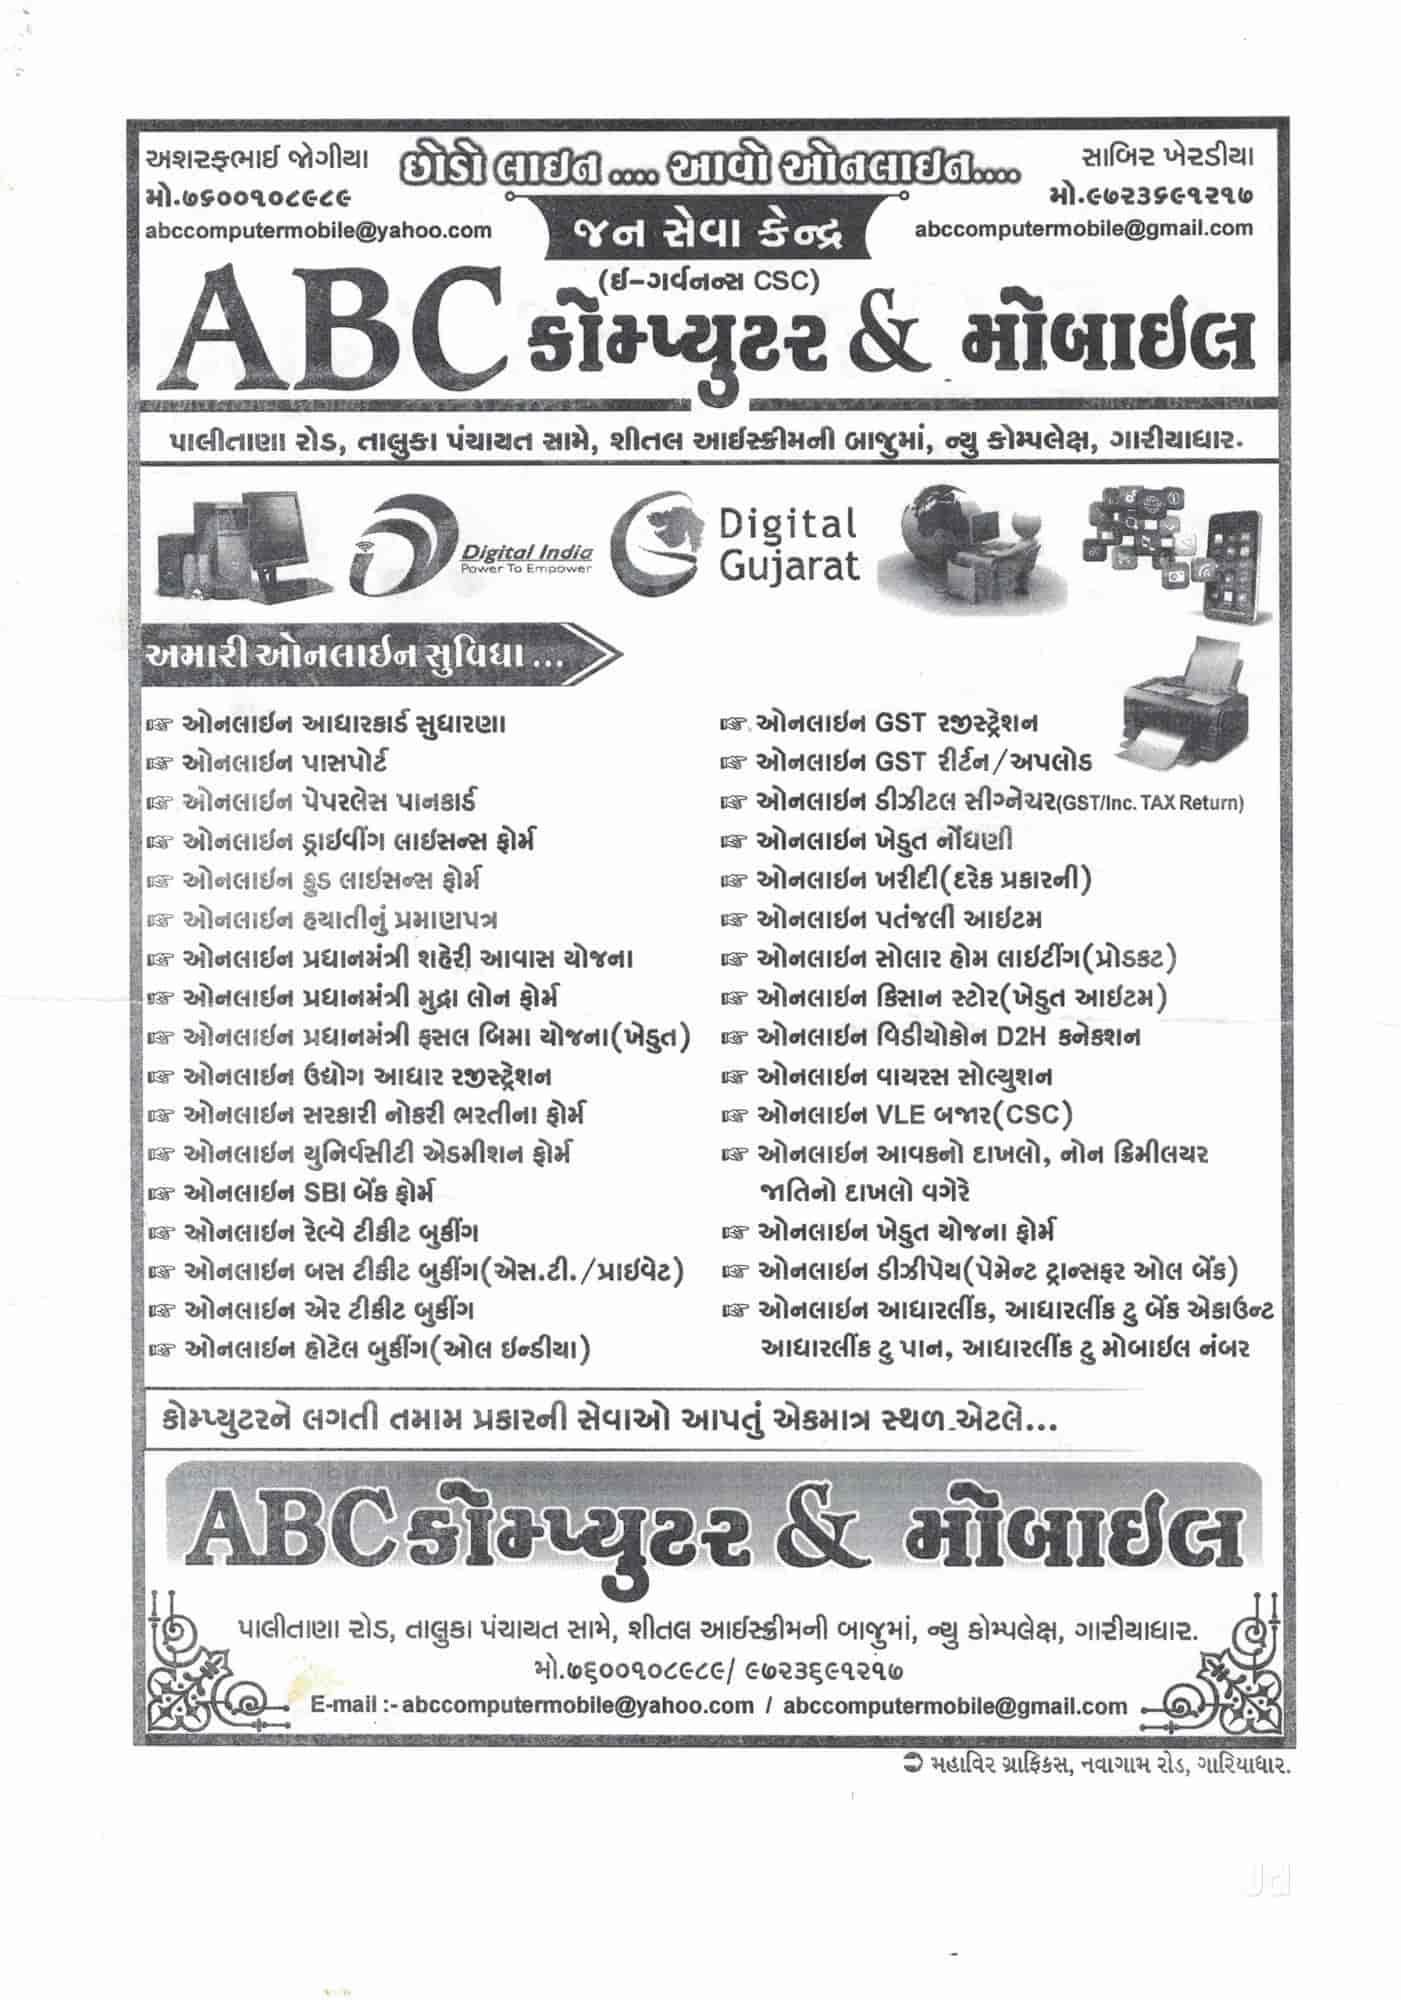 ABC Computer AND Mobile (Csc) Photos, Gariyadhar, Bhavnagar